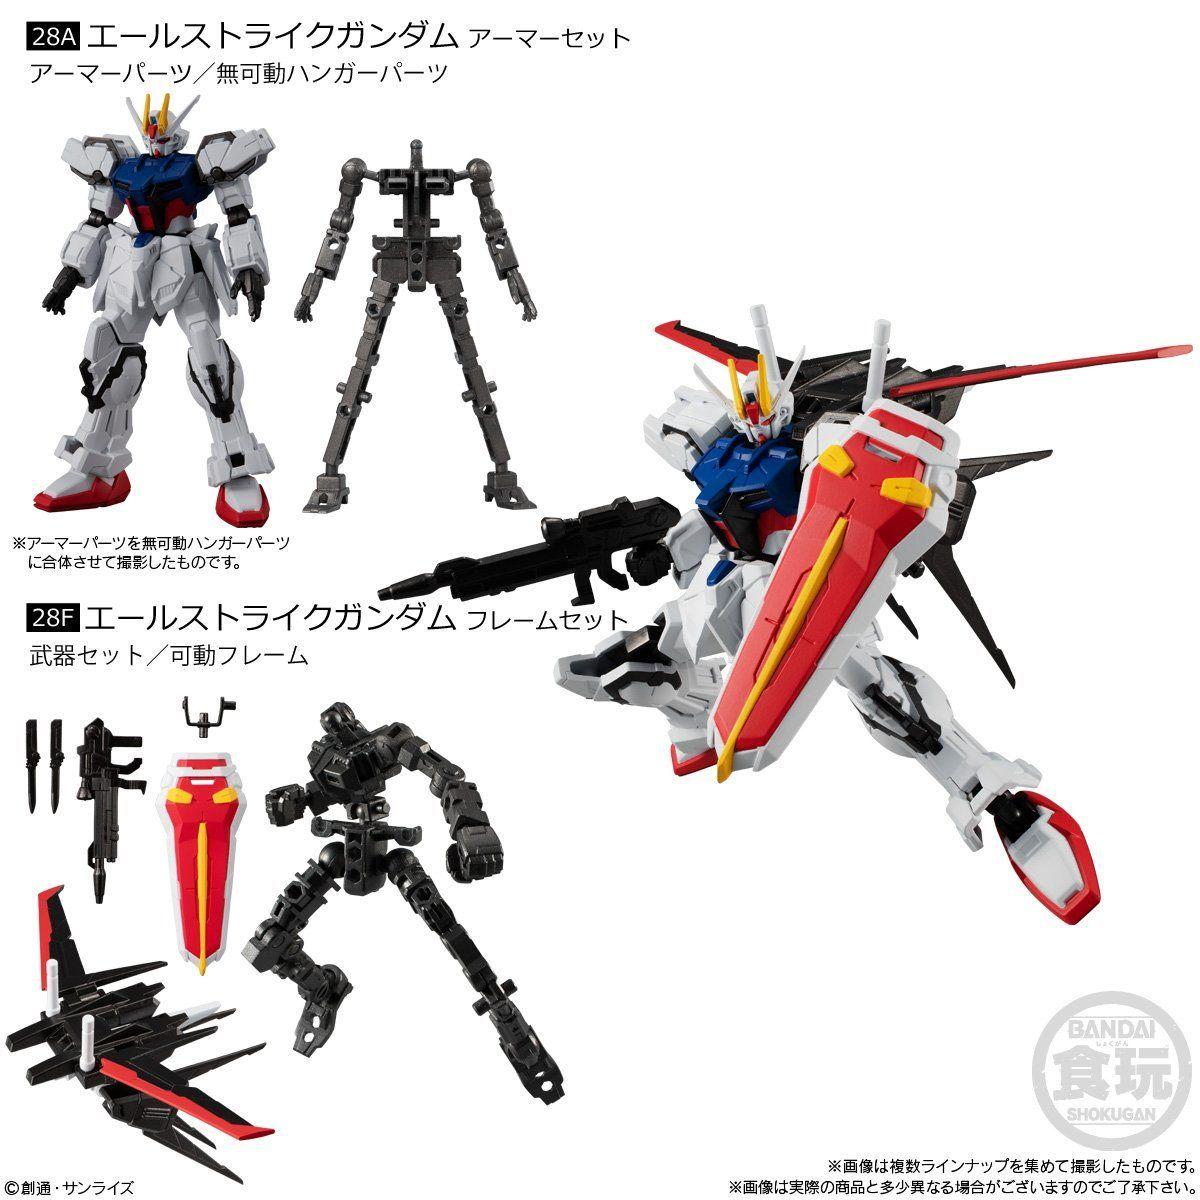 【食玩】機動戦士ガンダム『Gフレーム10』可動フィギュア 10個入りBOX-003